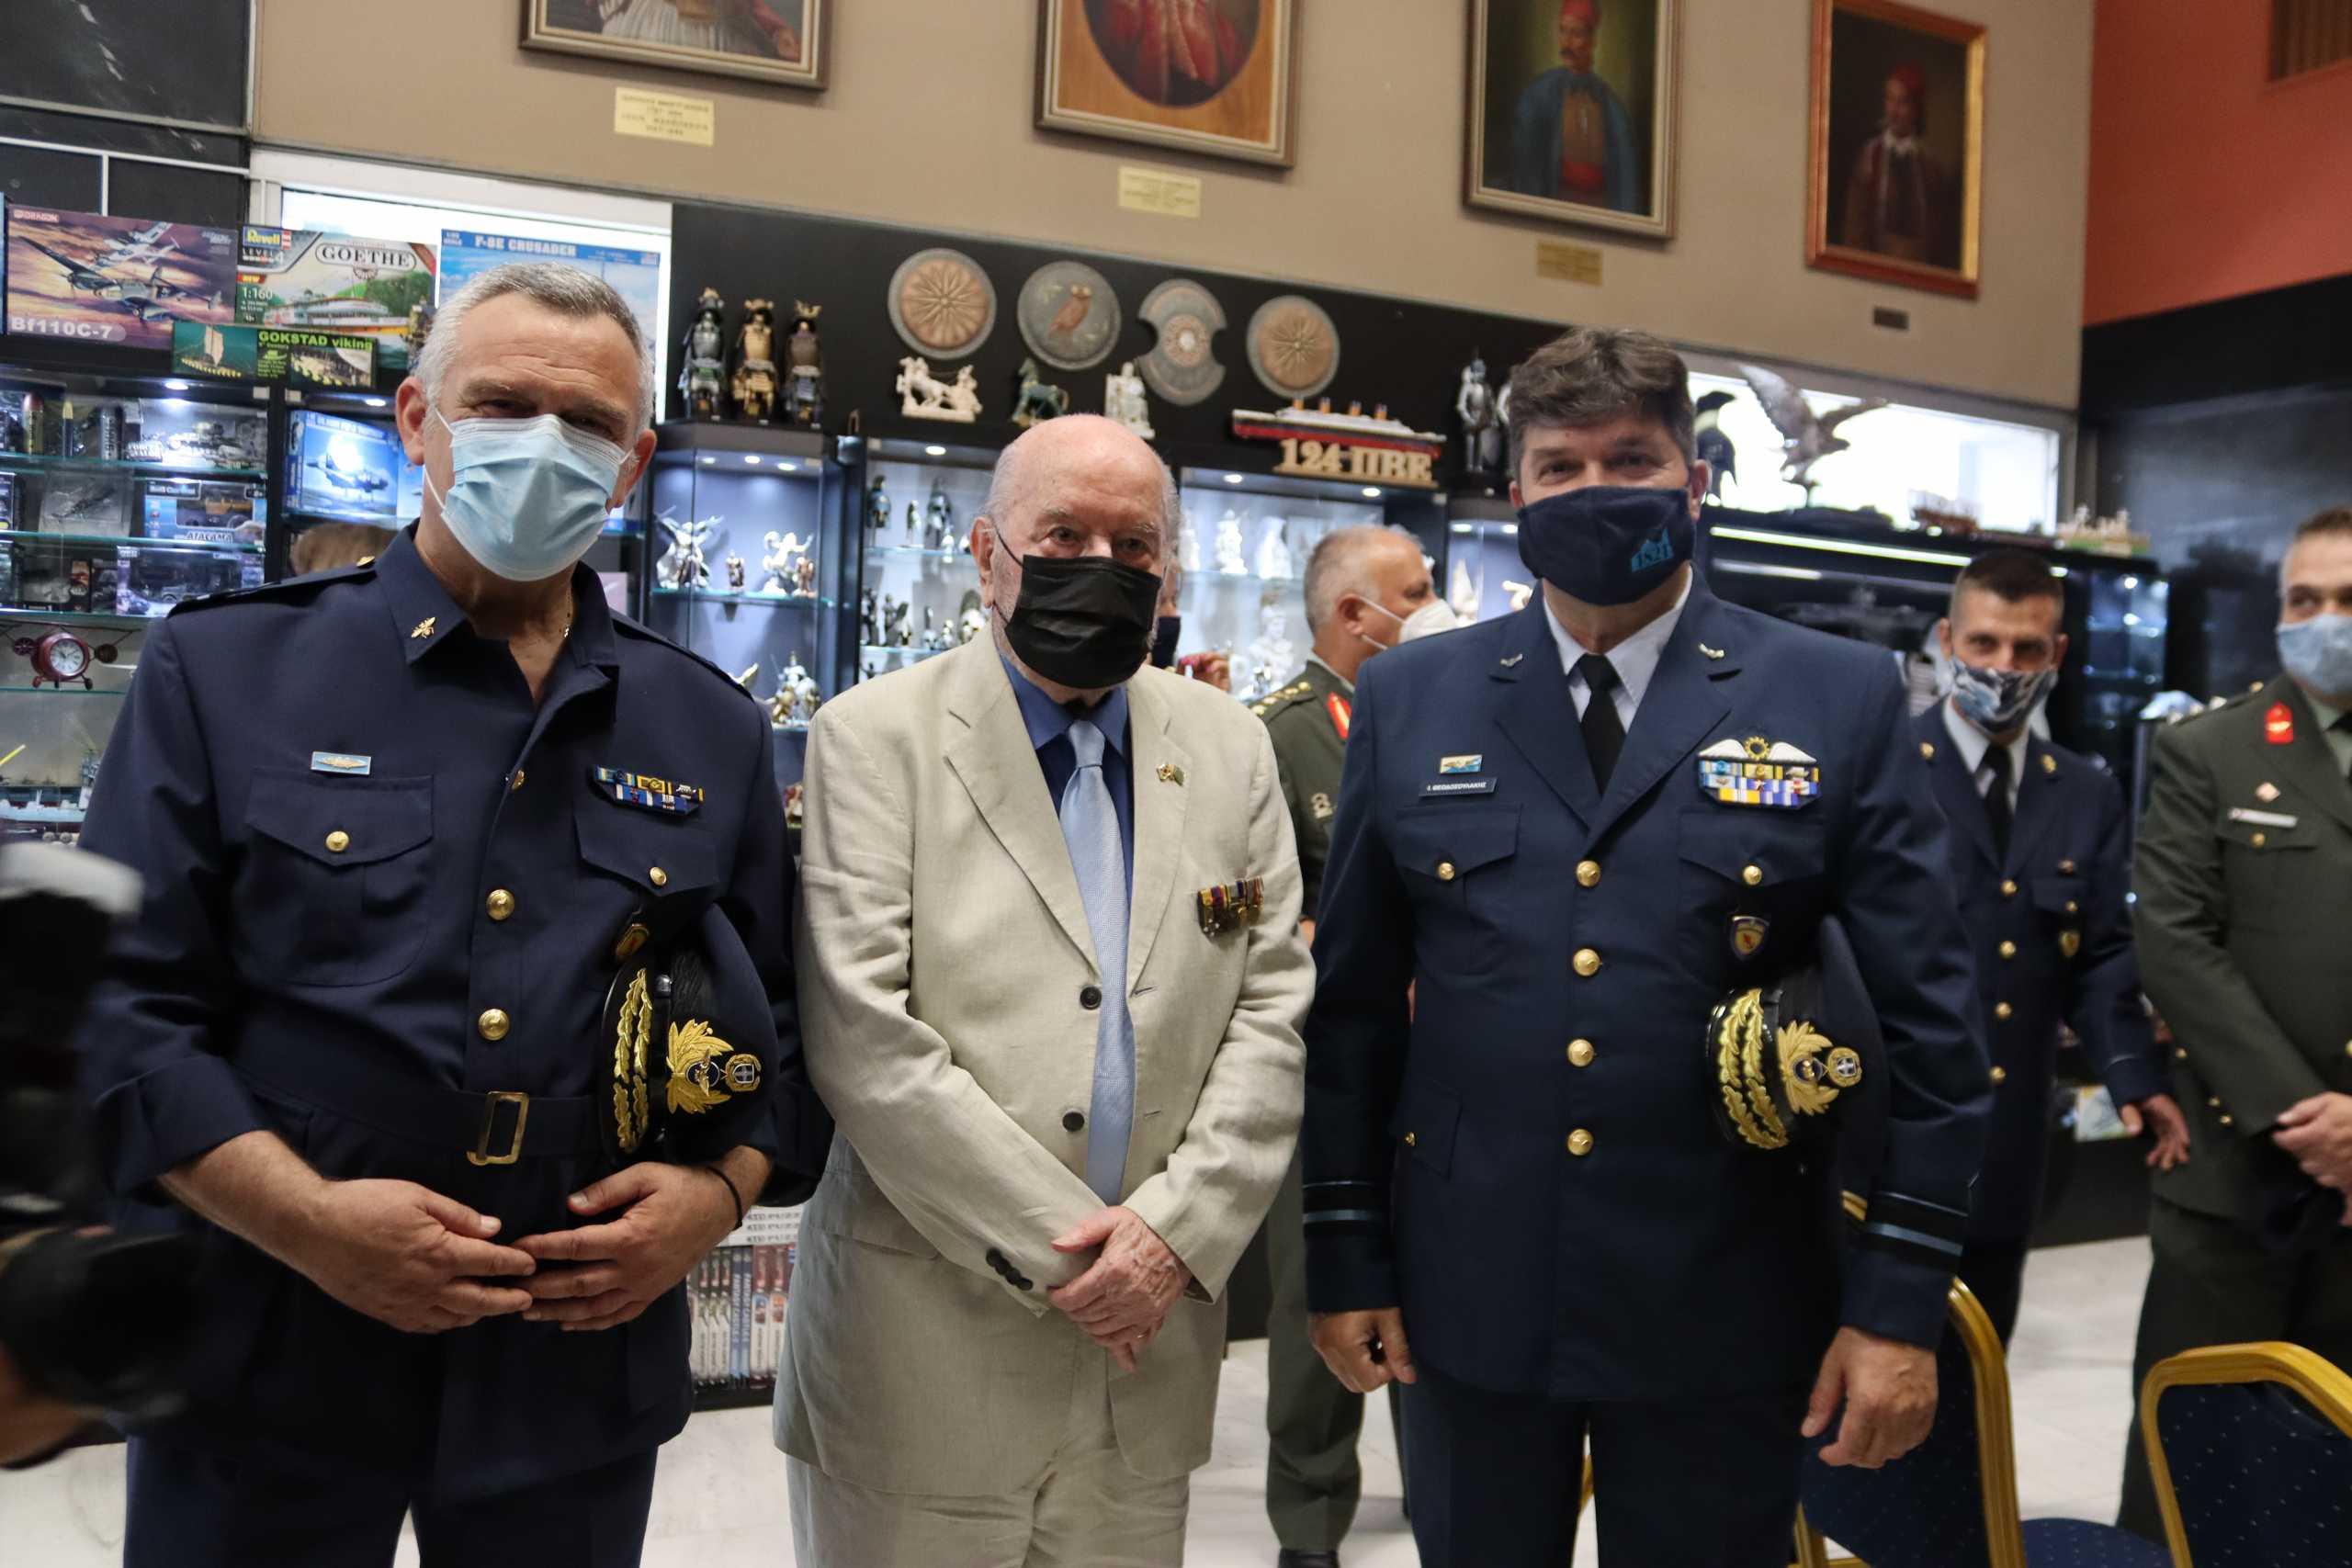 Πολεμικό Μουσείο: Αφιέρωμα στο Εκστρατευτικό Σώμα Ελλάδας στην Κορέα [pics]